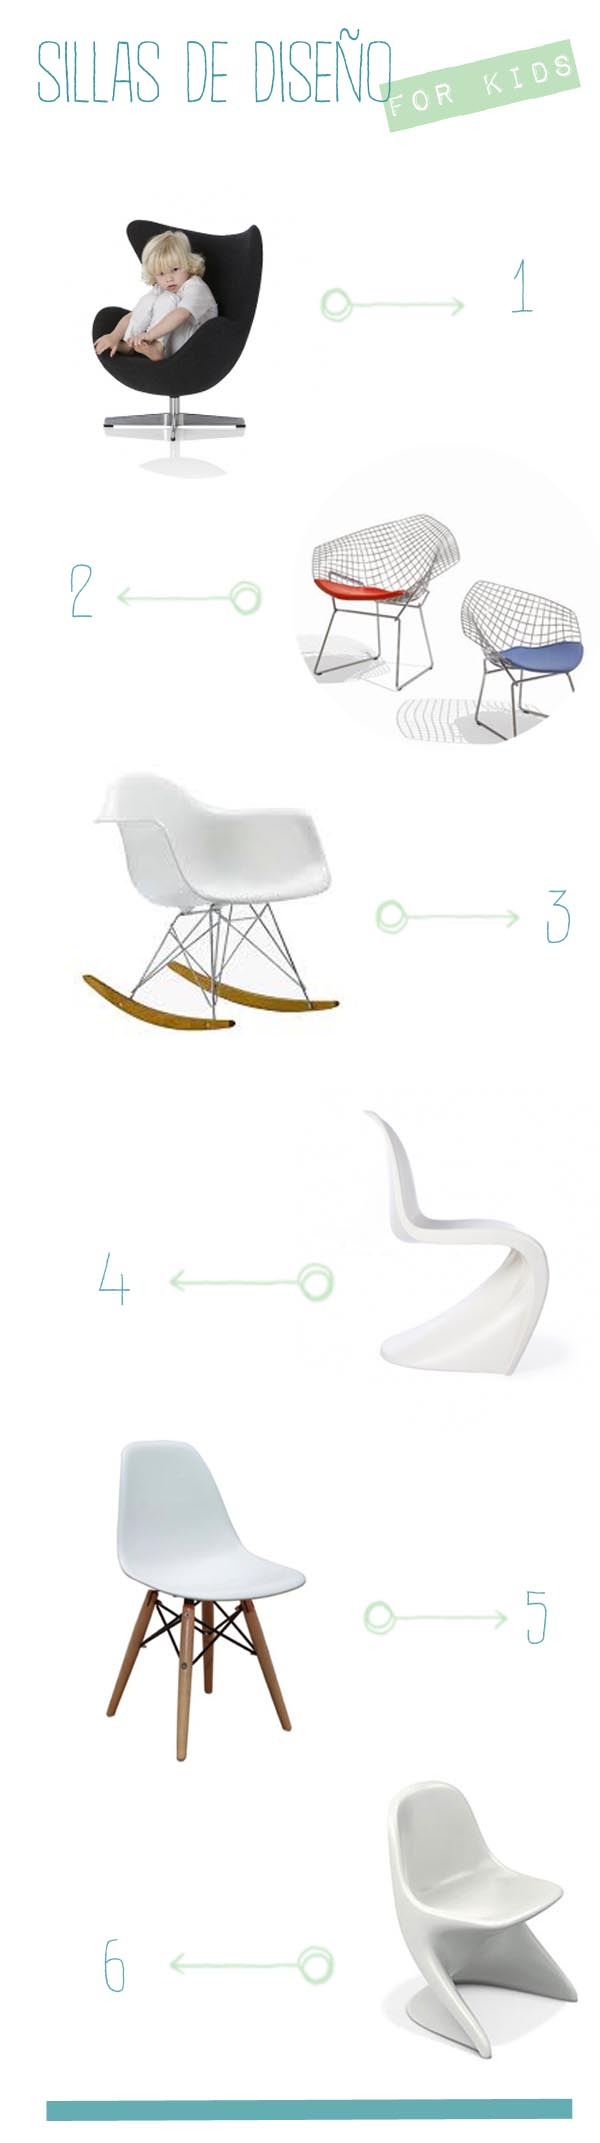 sillas de diseño para niños